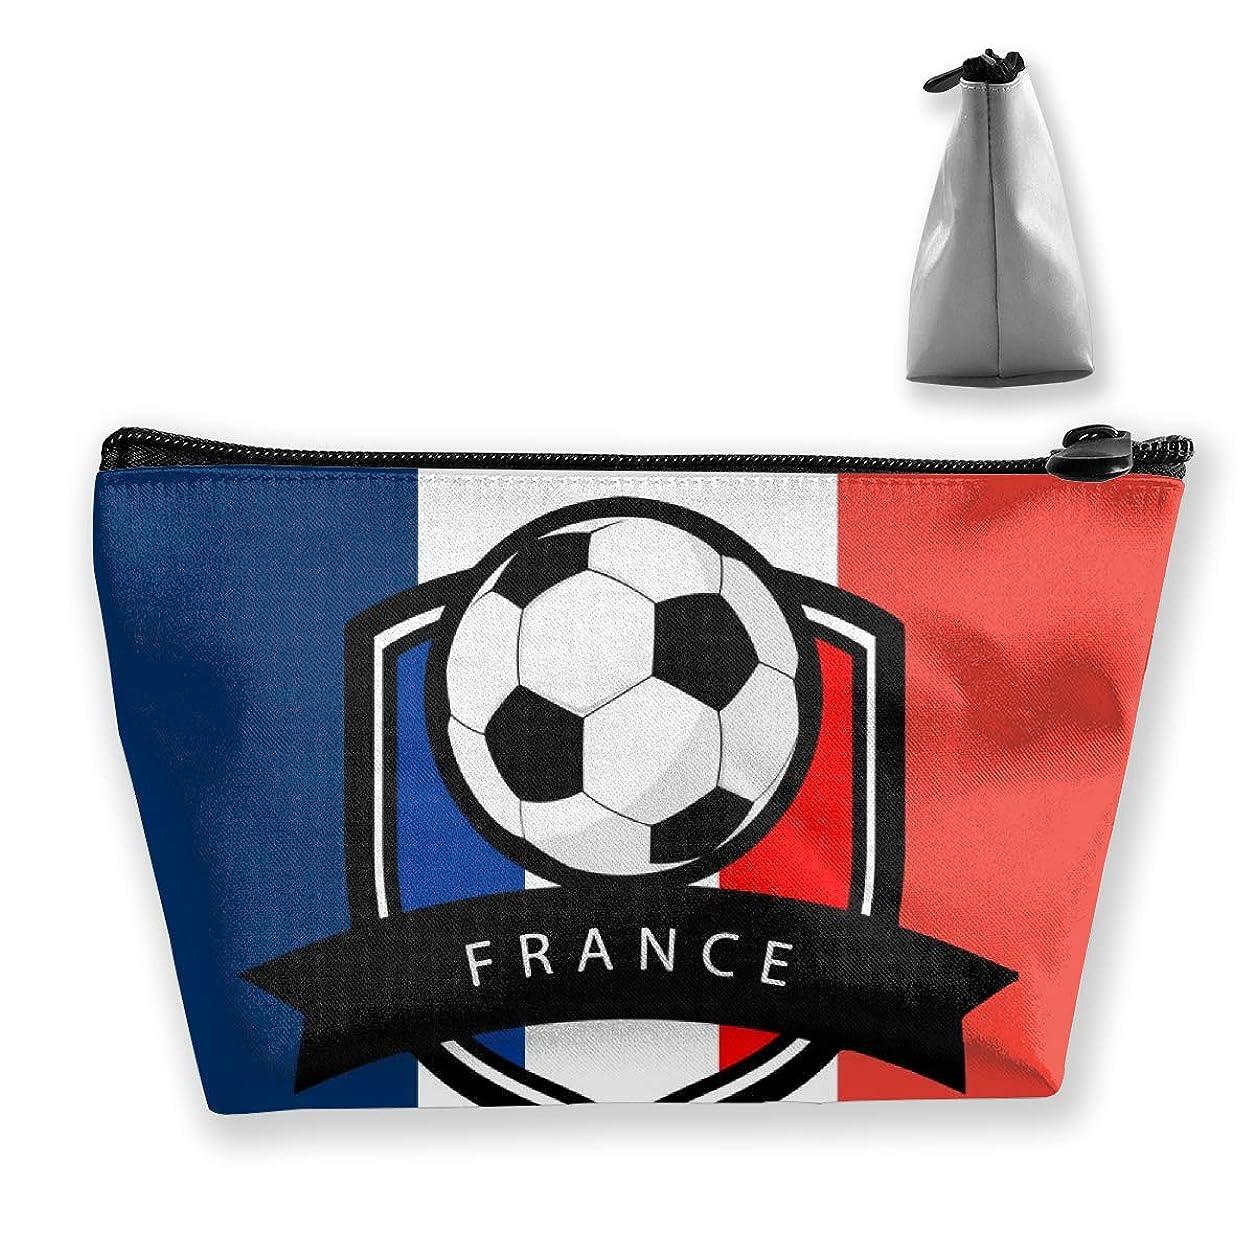 ハンサムピカソリスクフランス国旗サッカー 収納ポーチ 化粧ポーチ トラベルポーチ 小物入れ 小財布 防水 大容量 旅行 おしゃれ